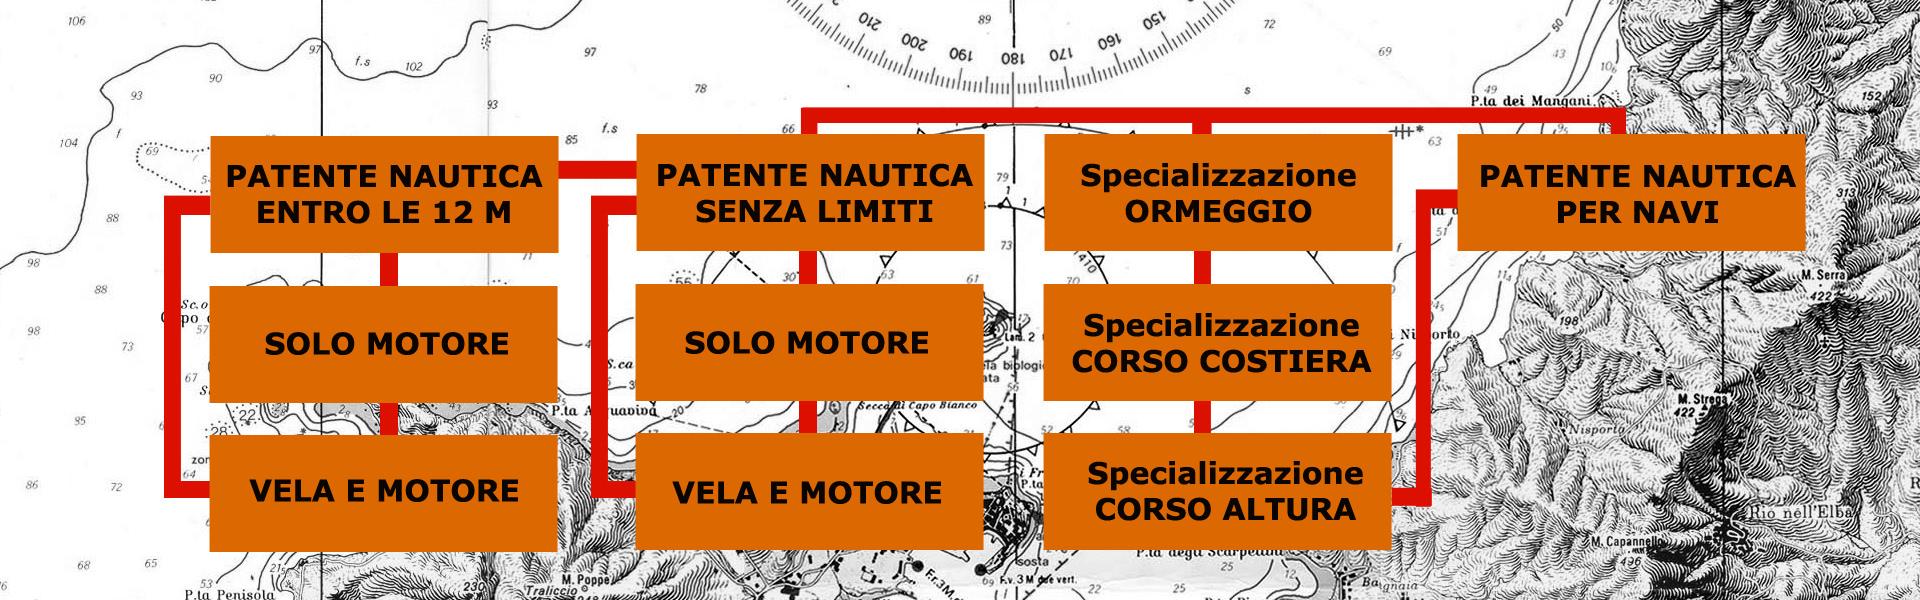 patente nautica roma ostia fiumicinoPercorso didattico